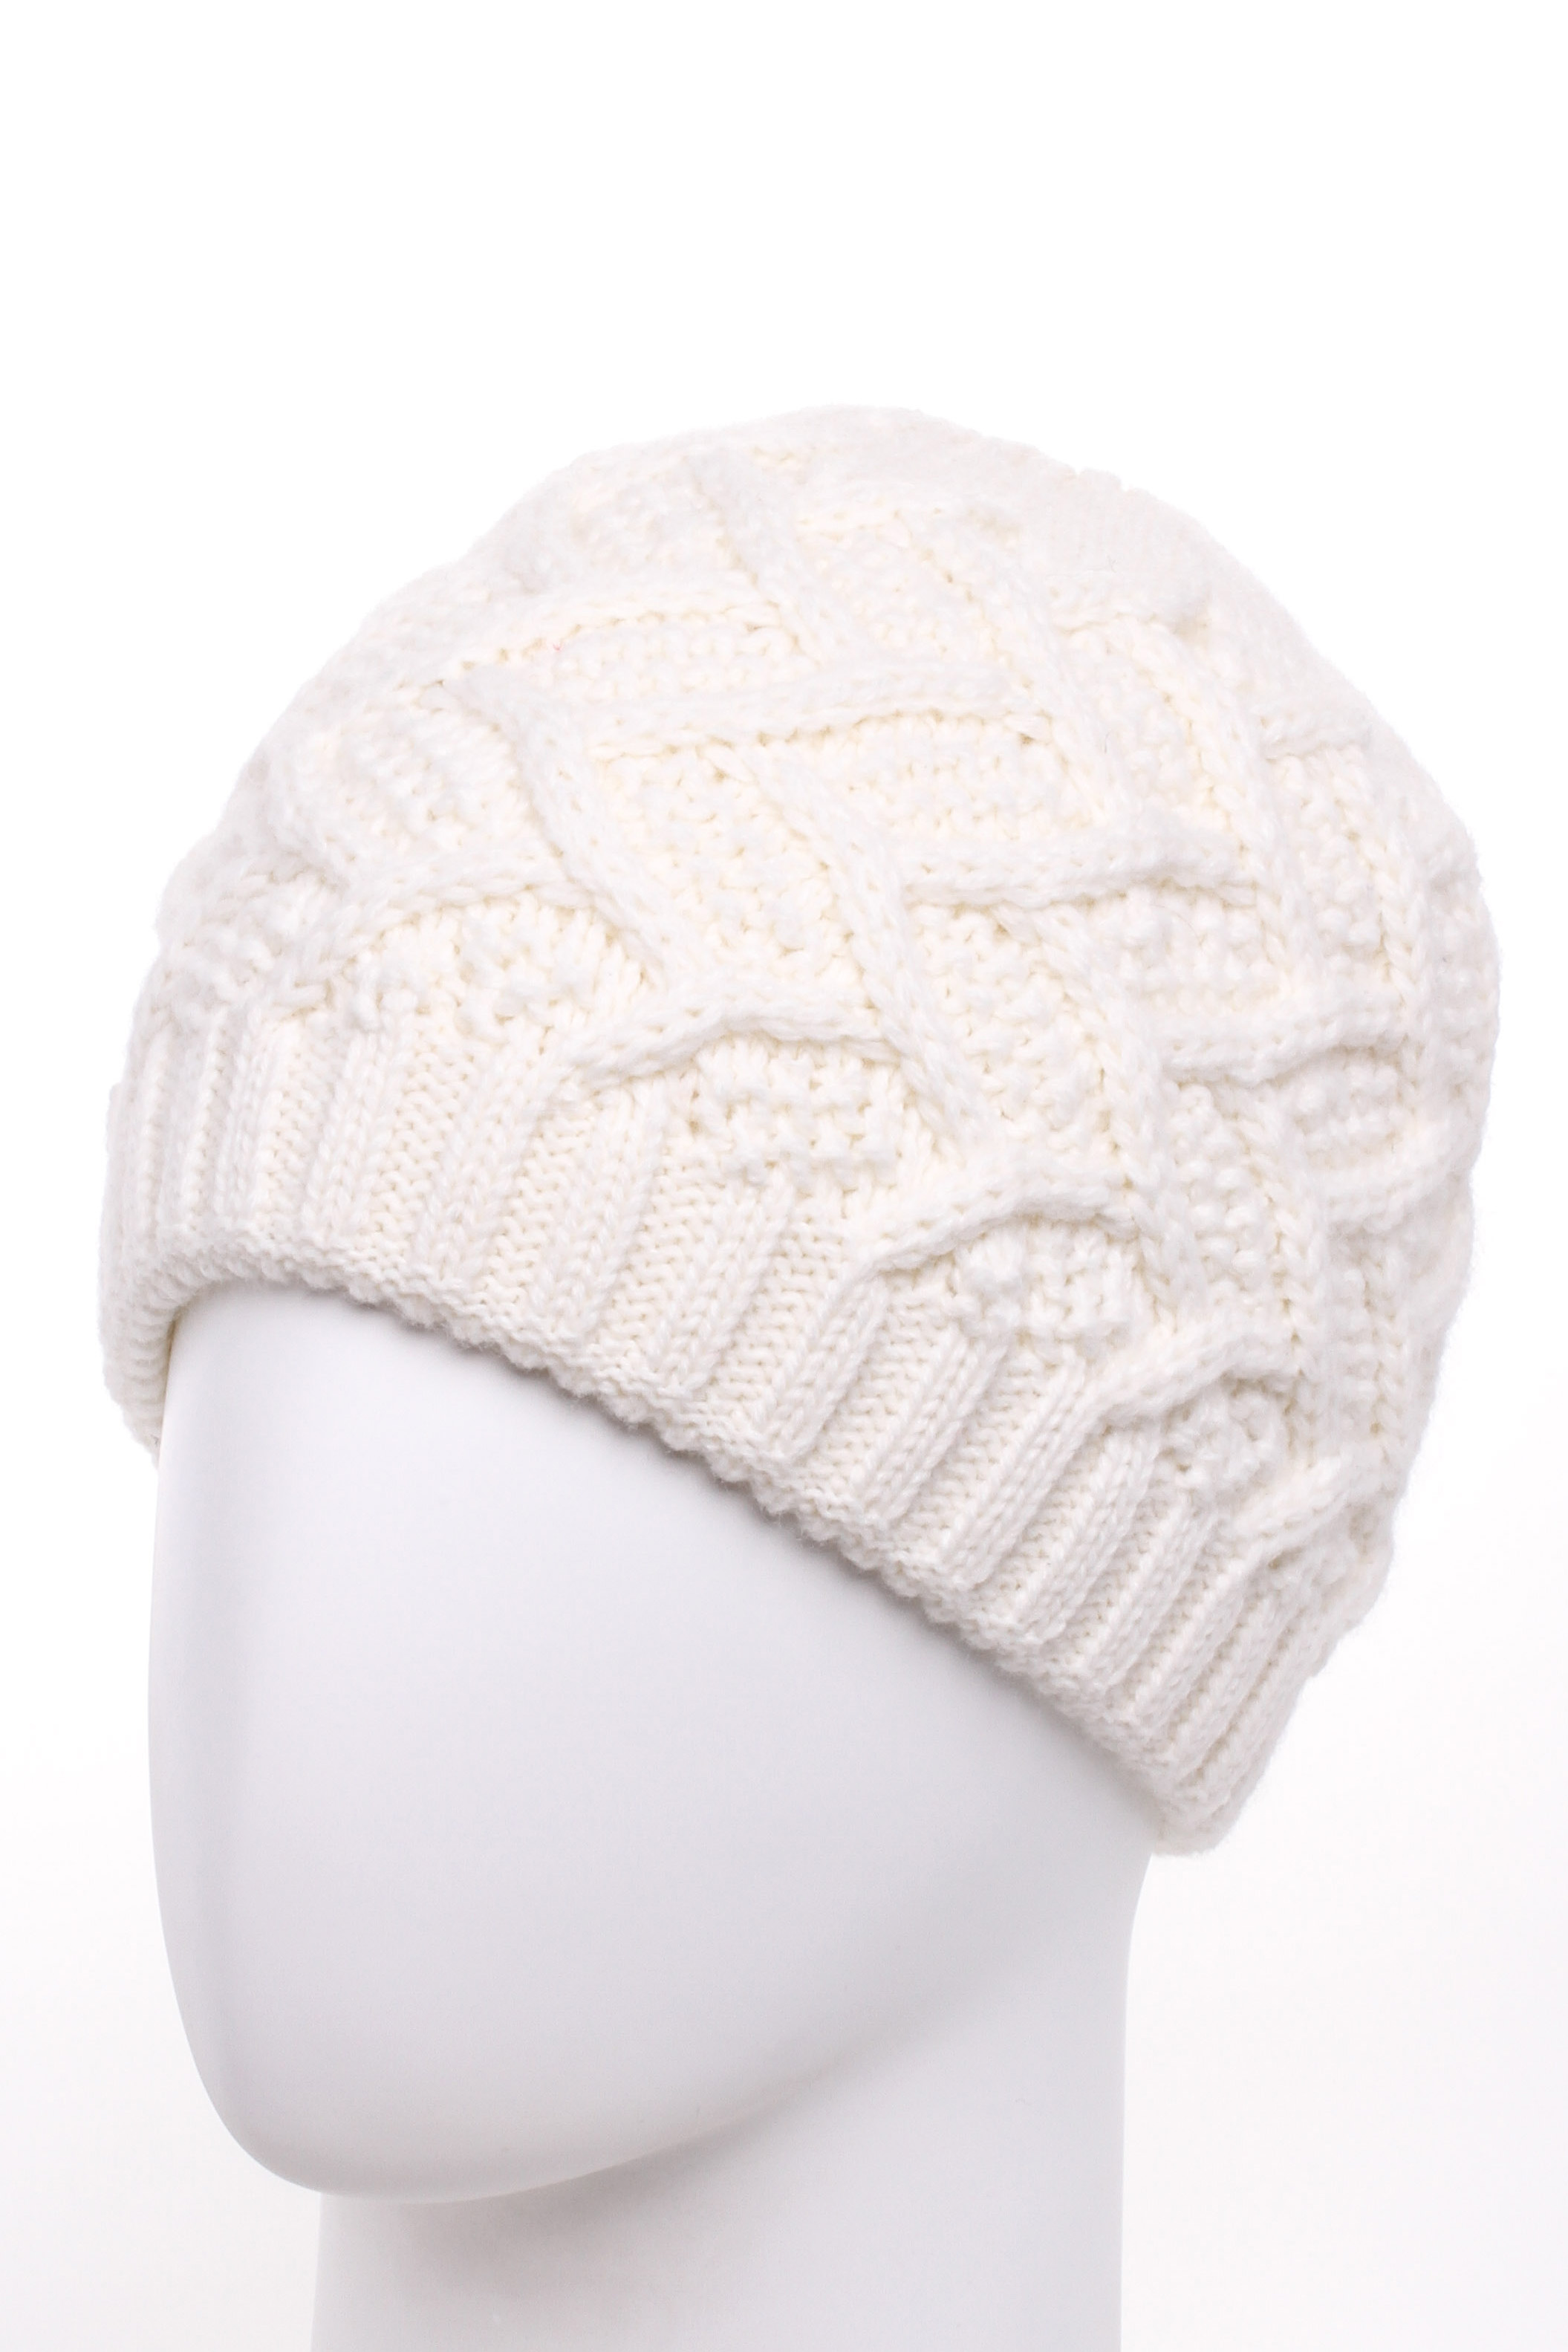 ШапкаШапки<br>Вязаная шапка подарит Вам тепло и комфорт, а так же подчеркнет Вашу женственность и станет прекрасным дополнением Вашего образа.  Цвет: белый<br><br>По материалу: Вязаные<br>По рисунку: Однотонные<br>По сезону: Зима<br>Размер : universal<br>Материал: Вязаное полотно<br>Количество в наличии: 1